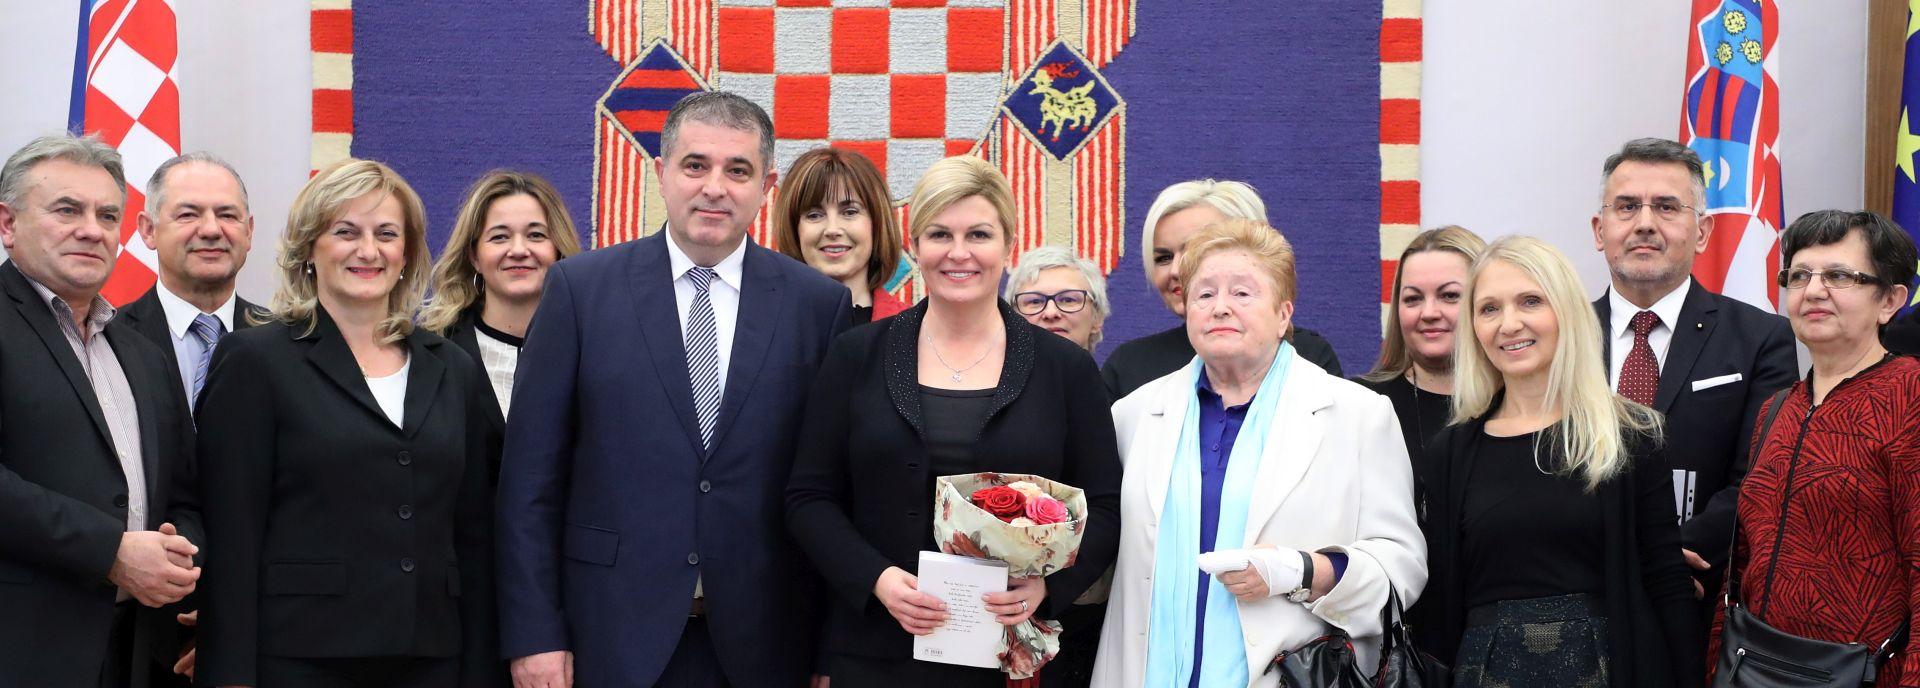 Predsjednica Grabar Kitarović s volonterima koji pomažu siromašnima i u pučkim kuhinjama